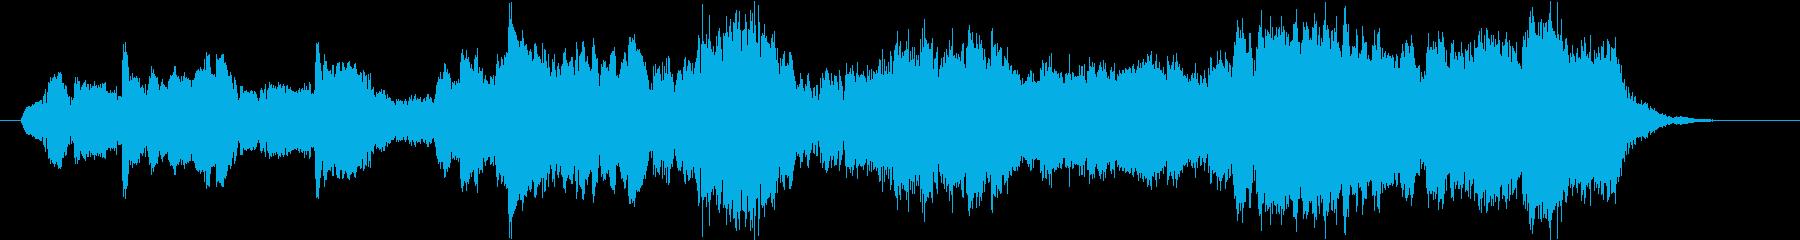 二胡の映える儚いアジアンテイストの曲の再生済みの波形